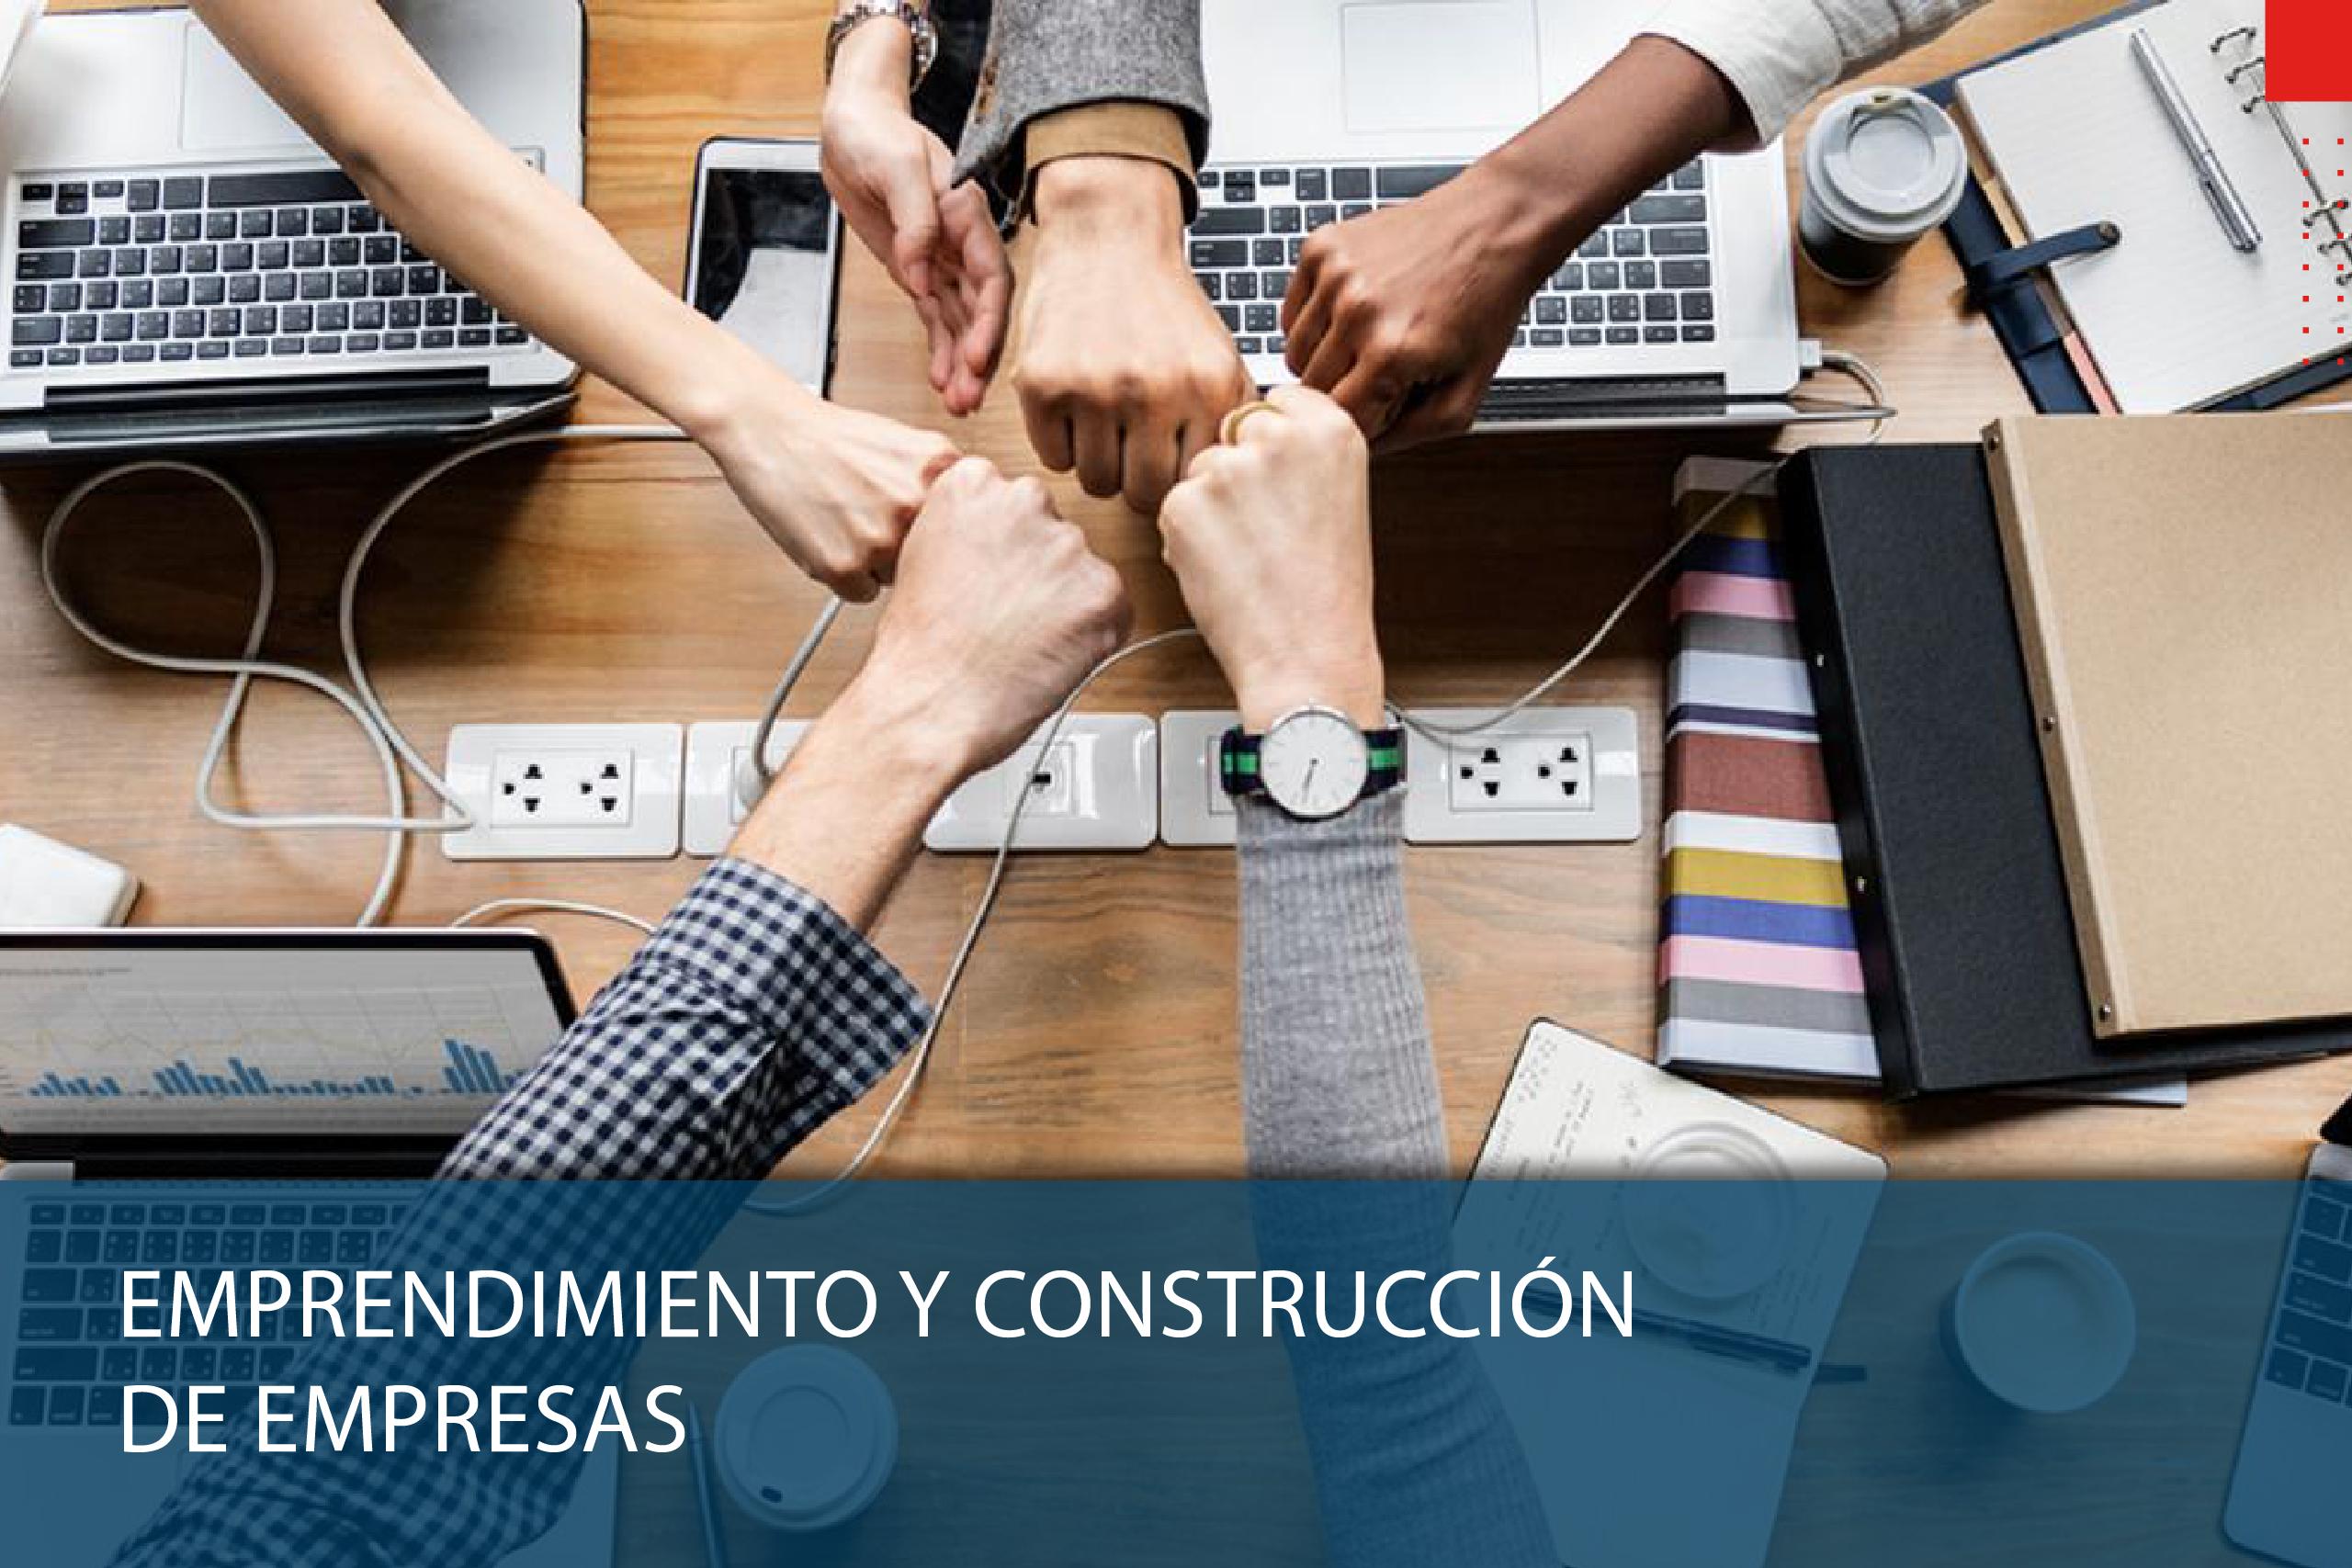 Emprendimiento y construcción de empresas